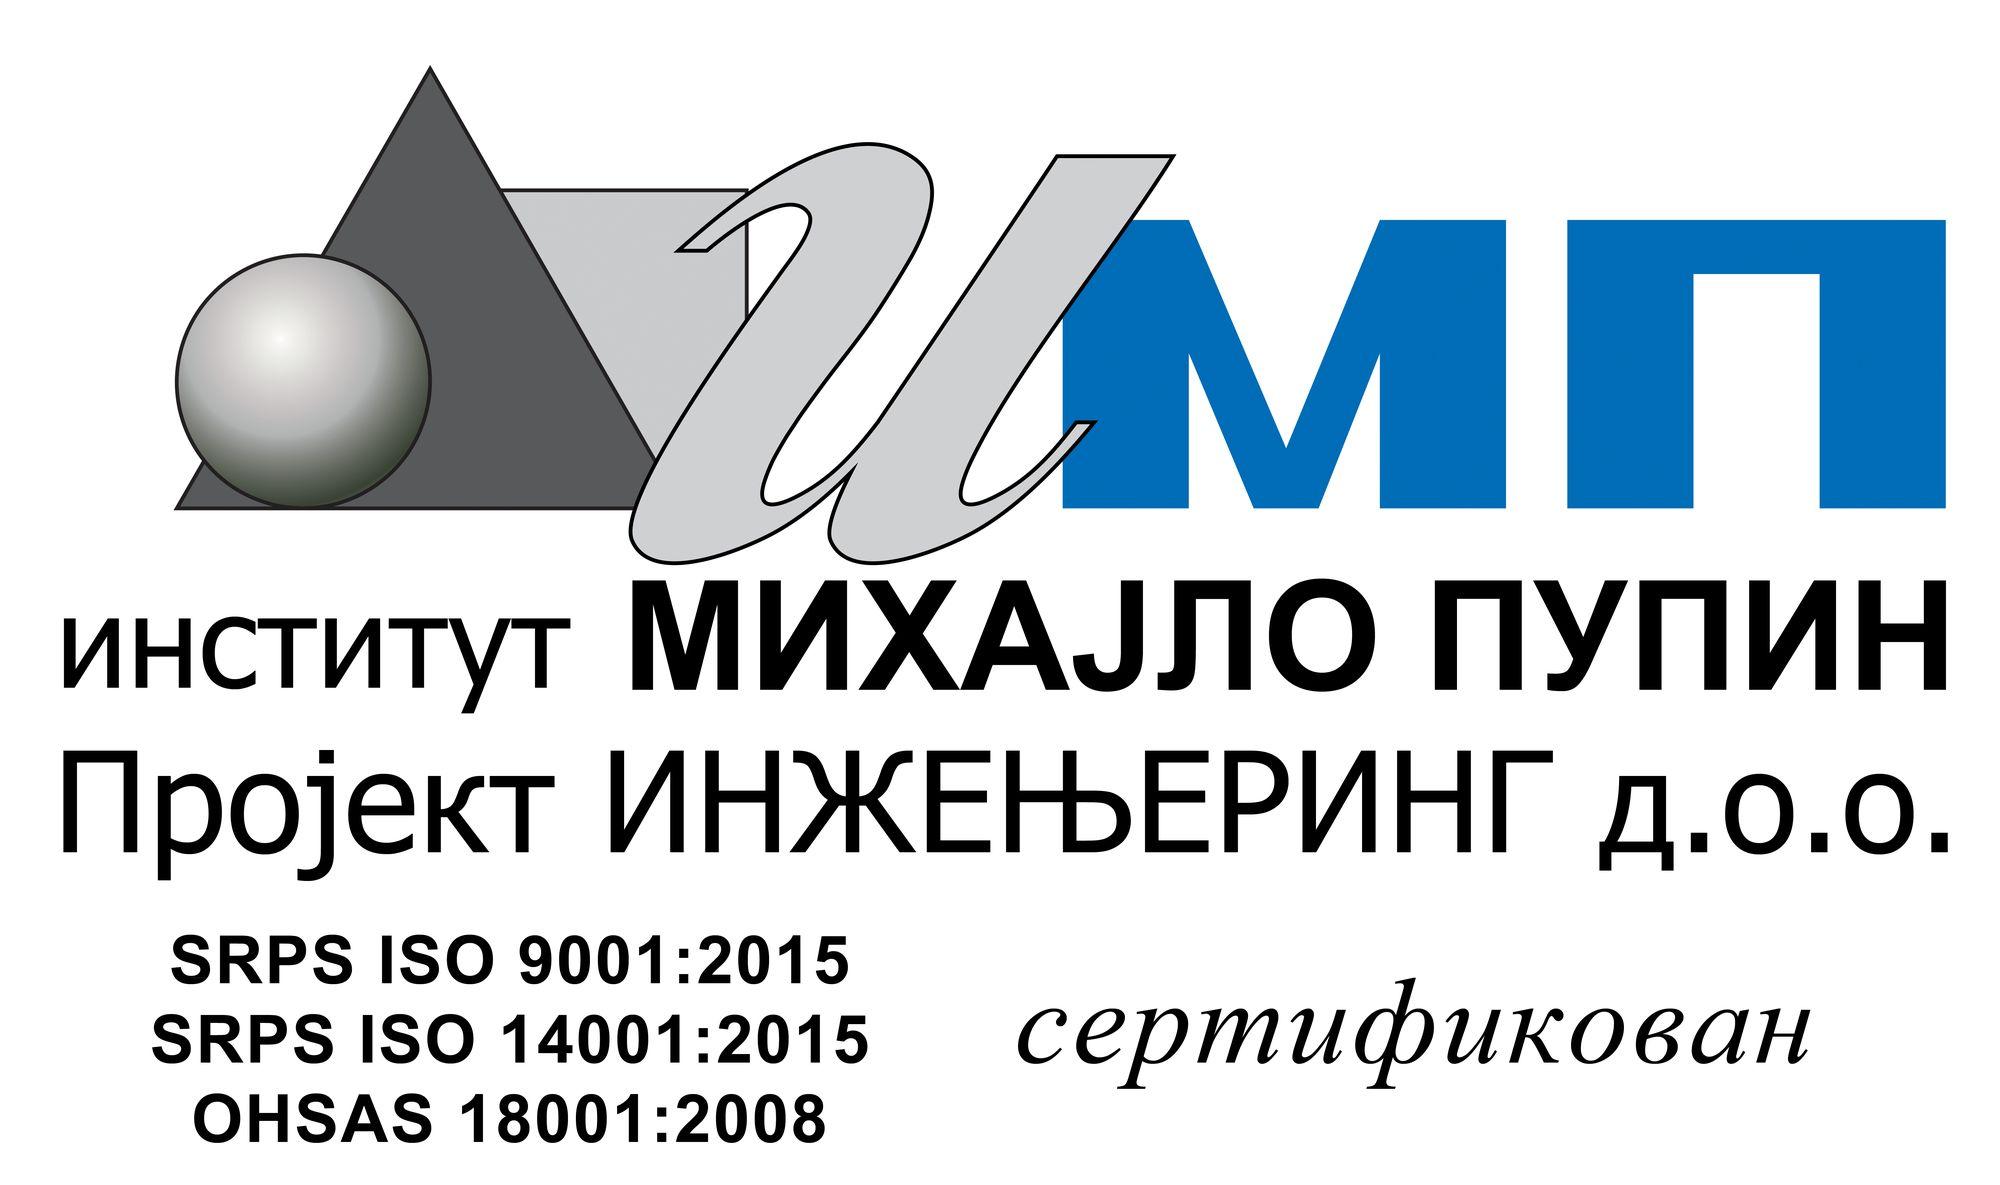 Institut Mihajlo Pupin, Projekt Inzenjer